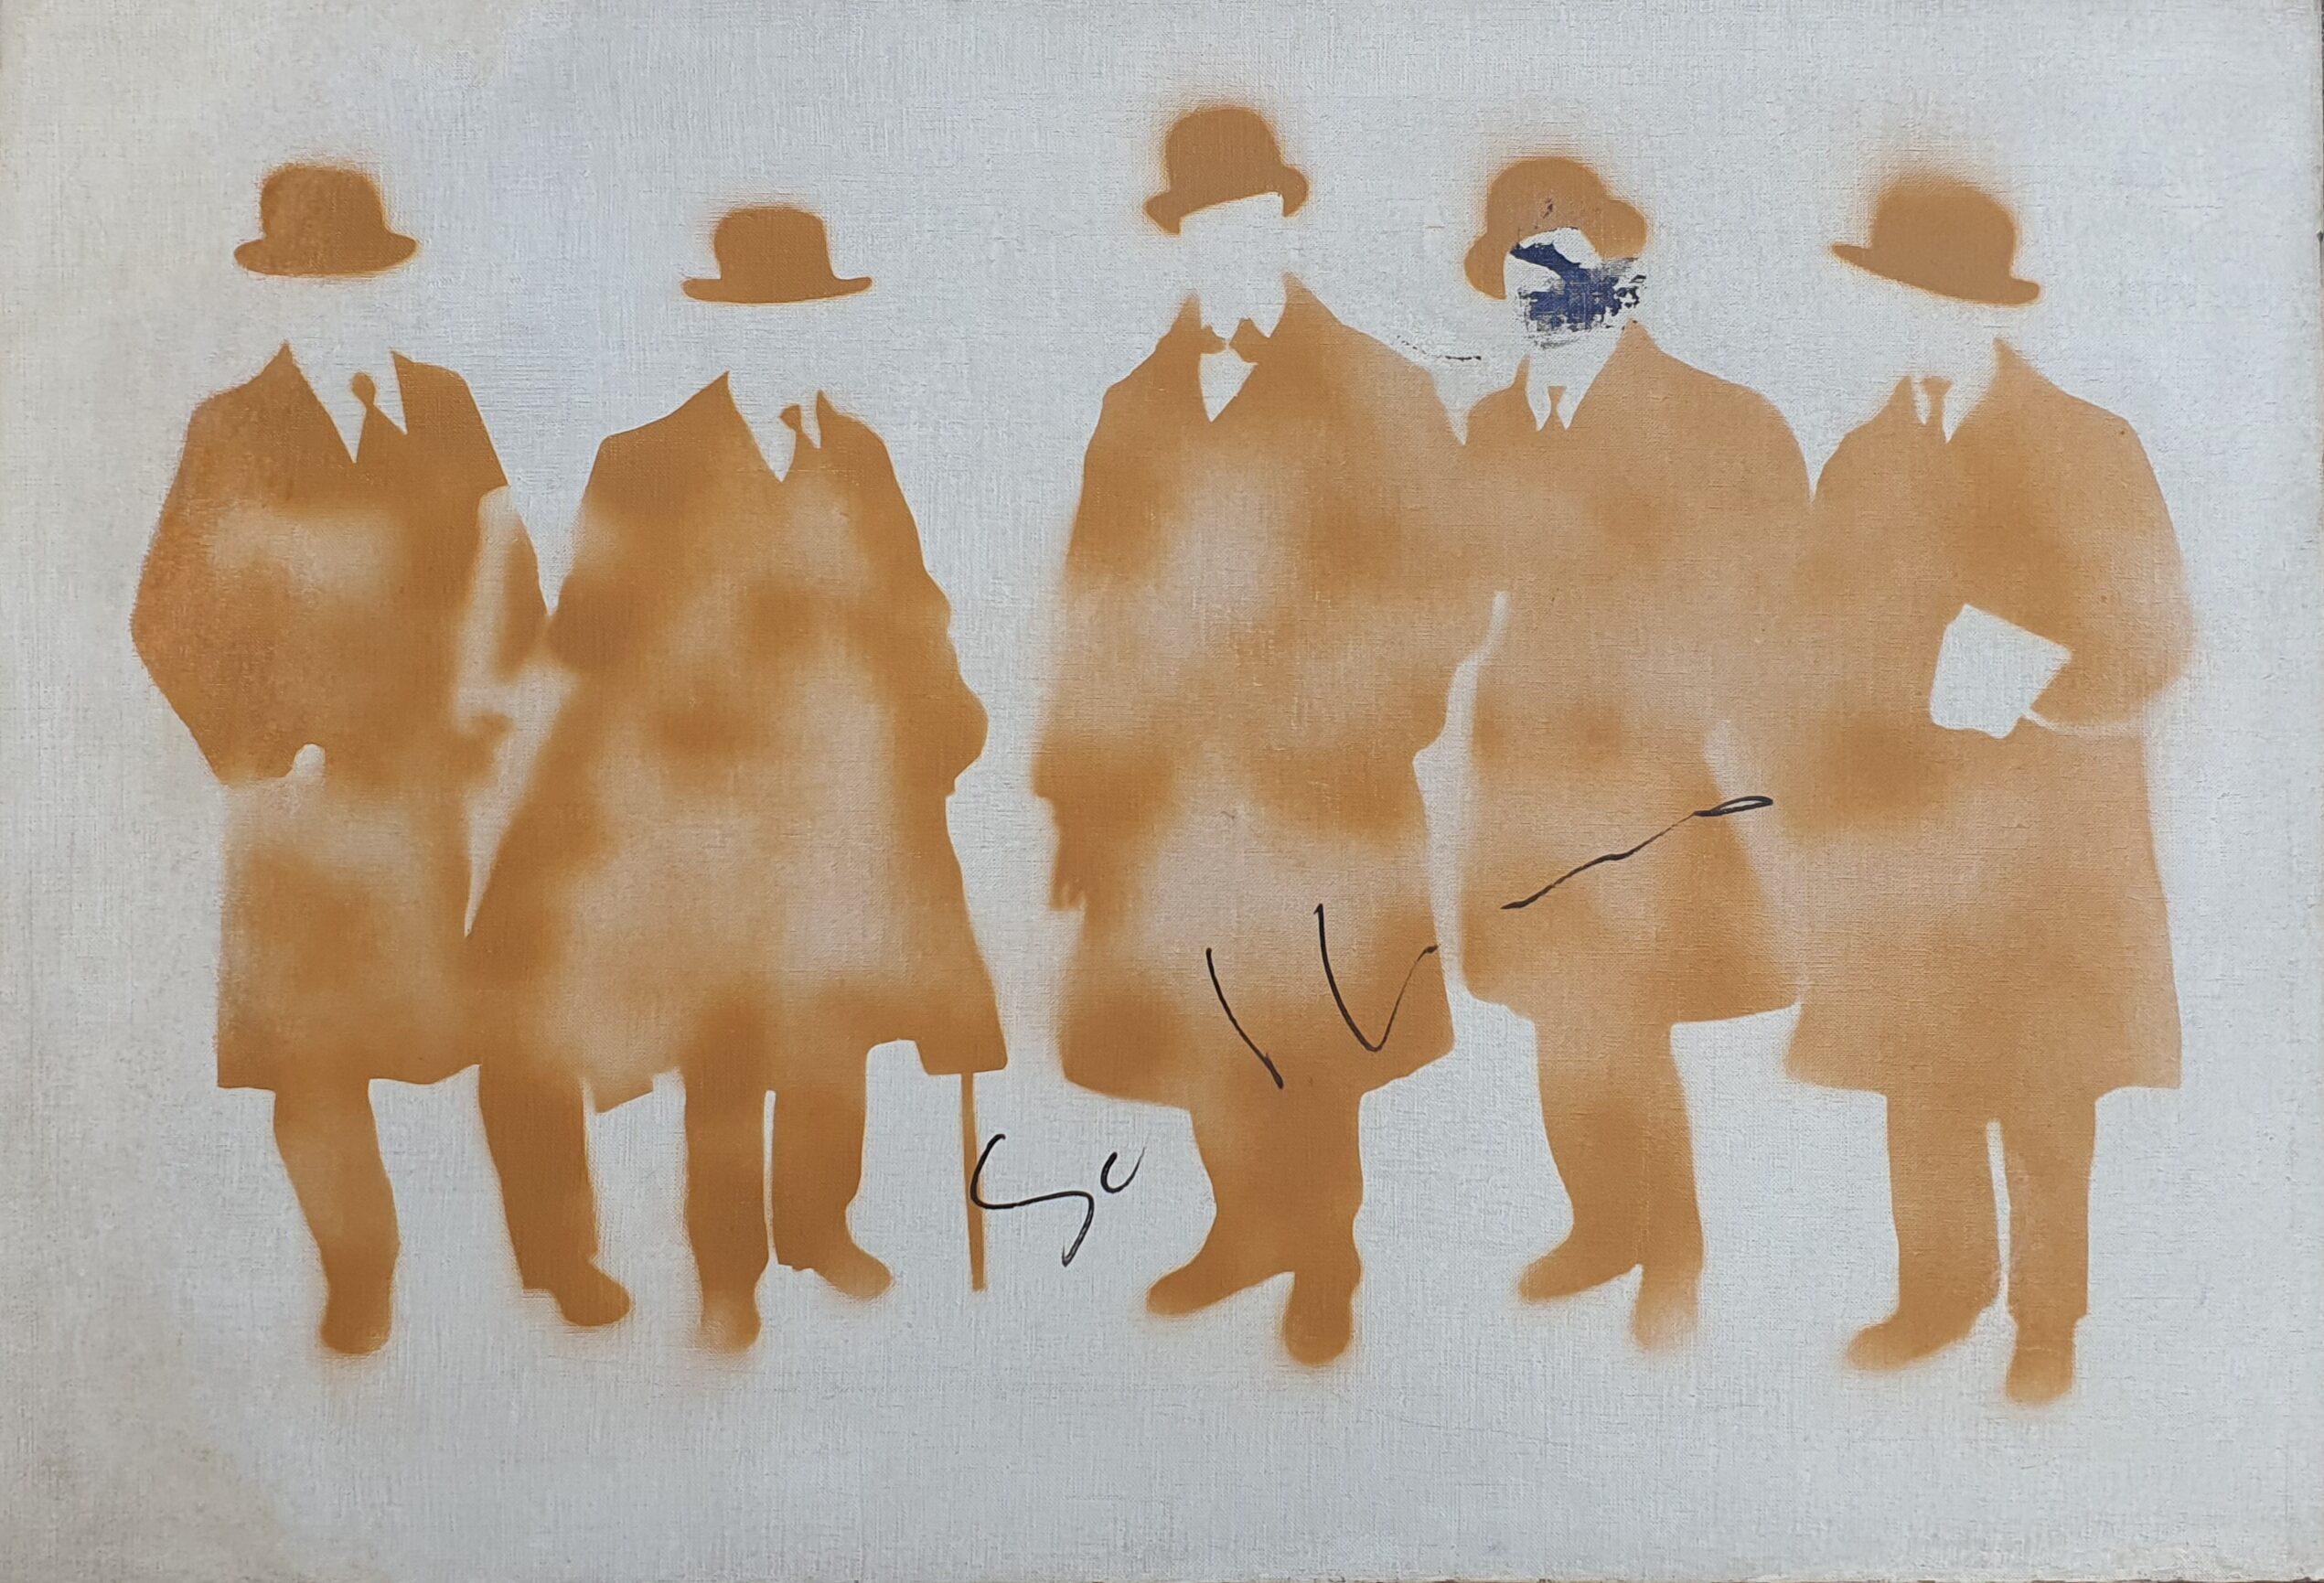 Oltre la forma. Dialoghi tra sei artisti italiani in mostra a Milano